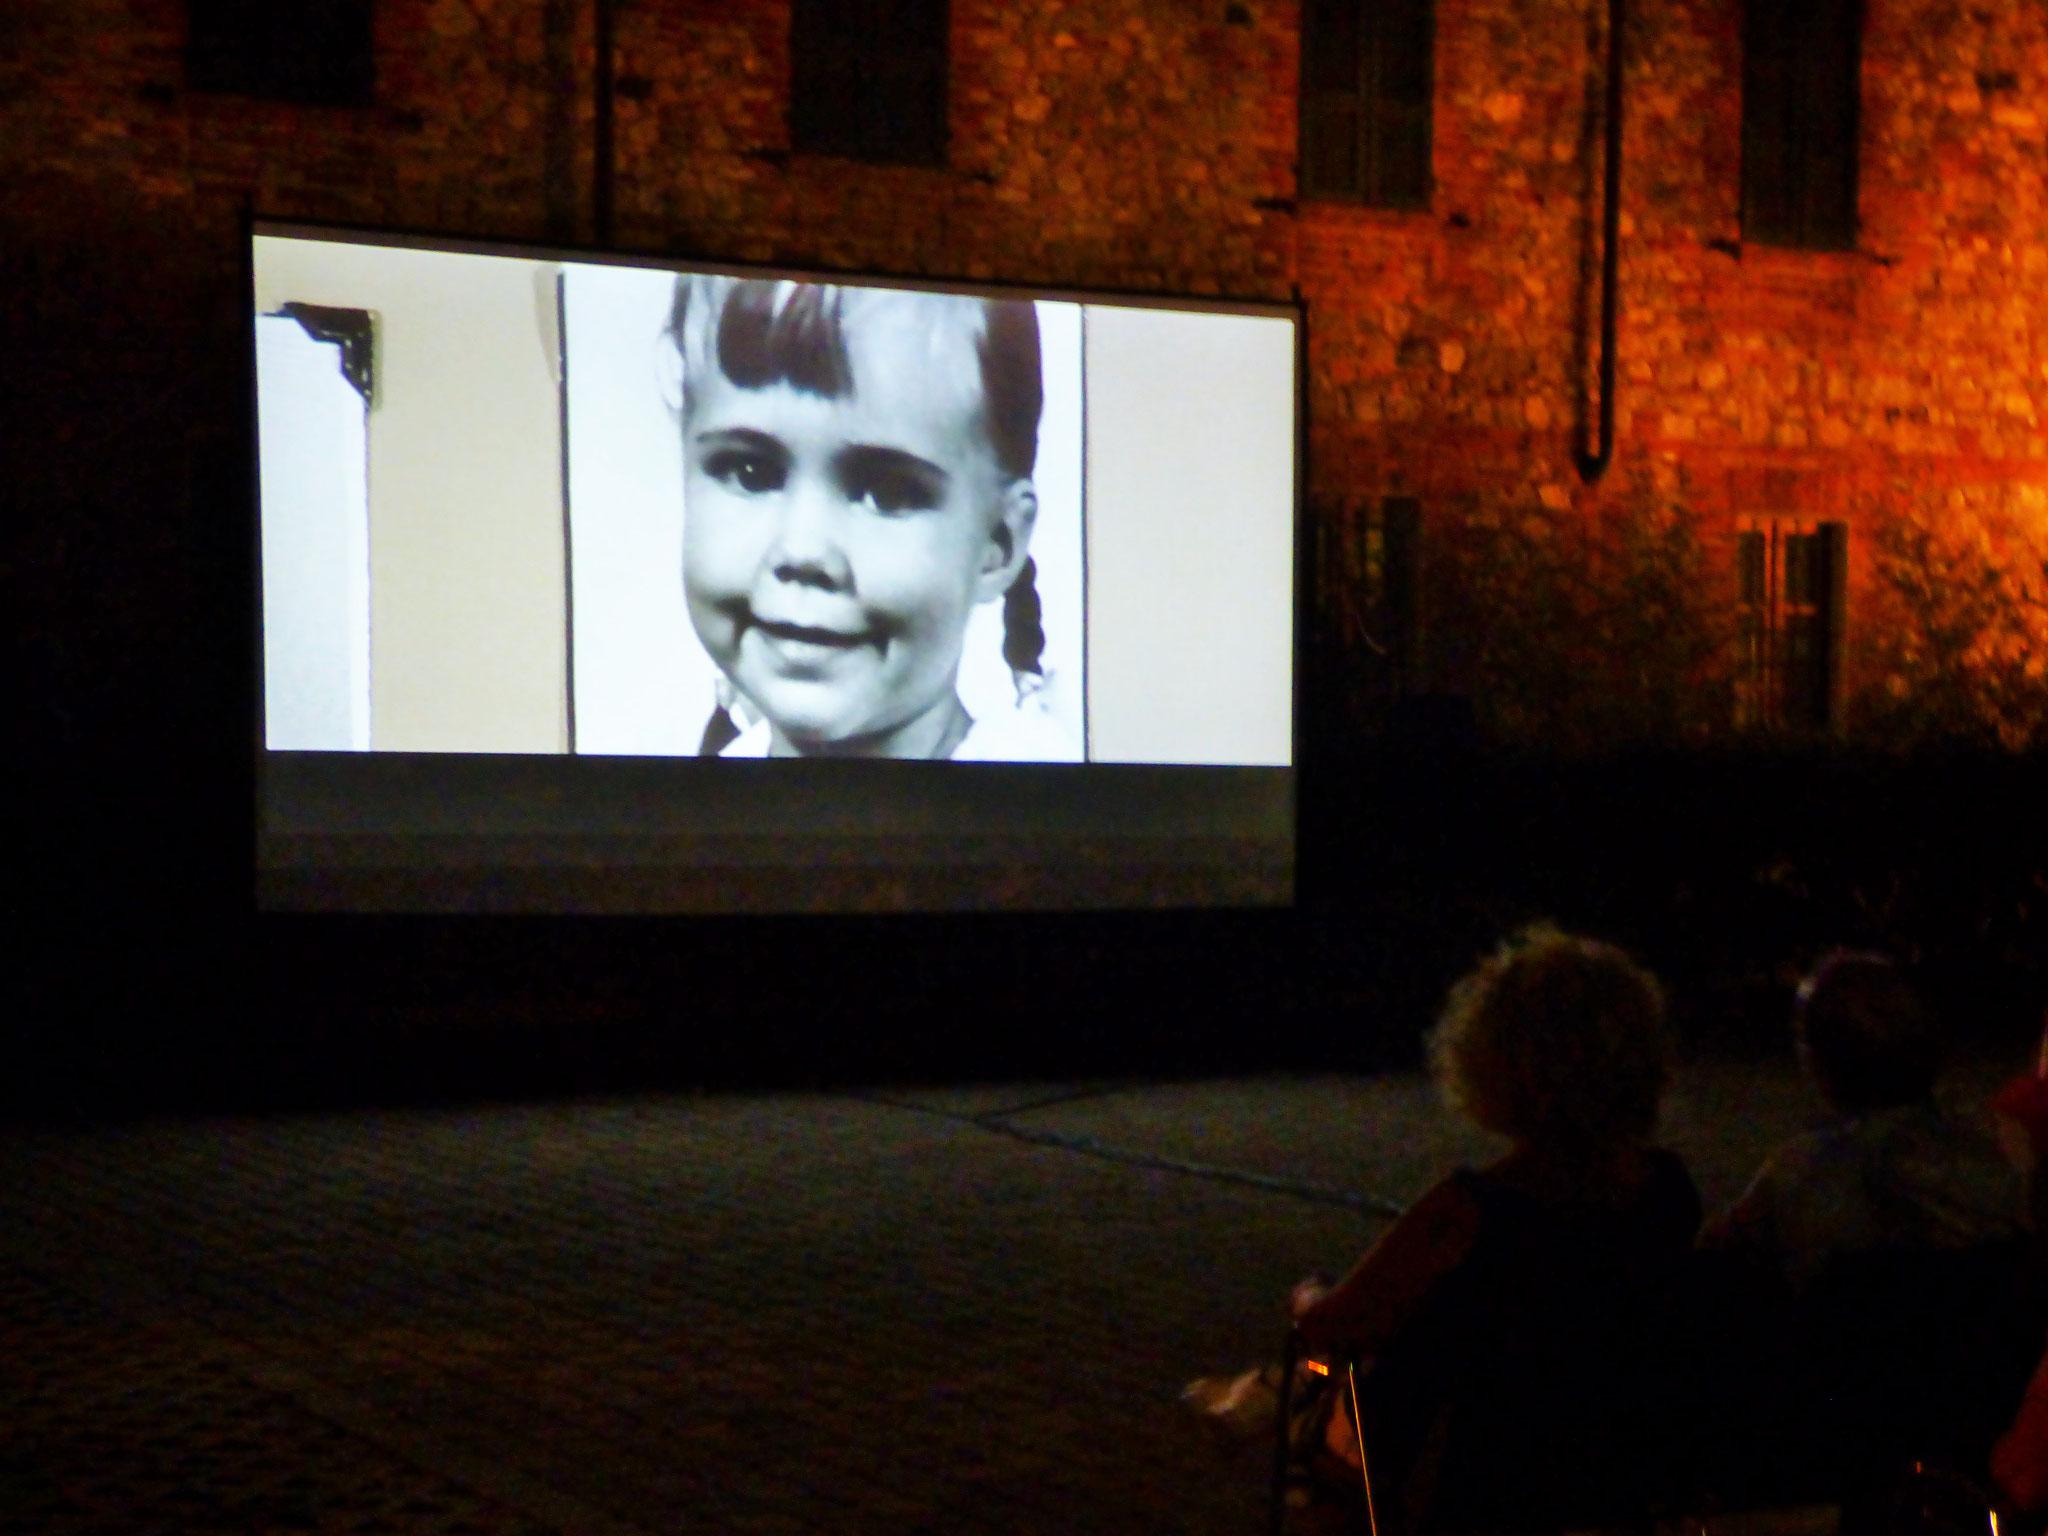 Rivergaro: Cinema Sotto Le Stelle 2019     Agosto, giovedì 1 : NORMA RAE dalle ore 21:30  giardino di Via Don Veneziani, 64 - Rivergaro (PC) di fronte alla Casa del Popolo